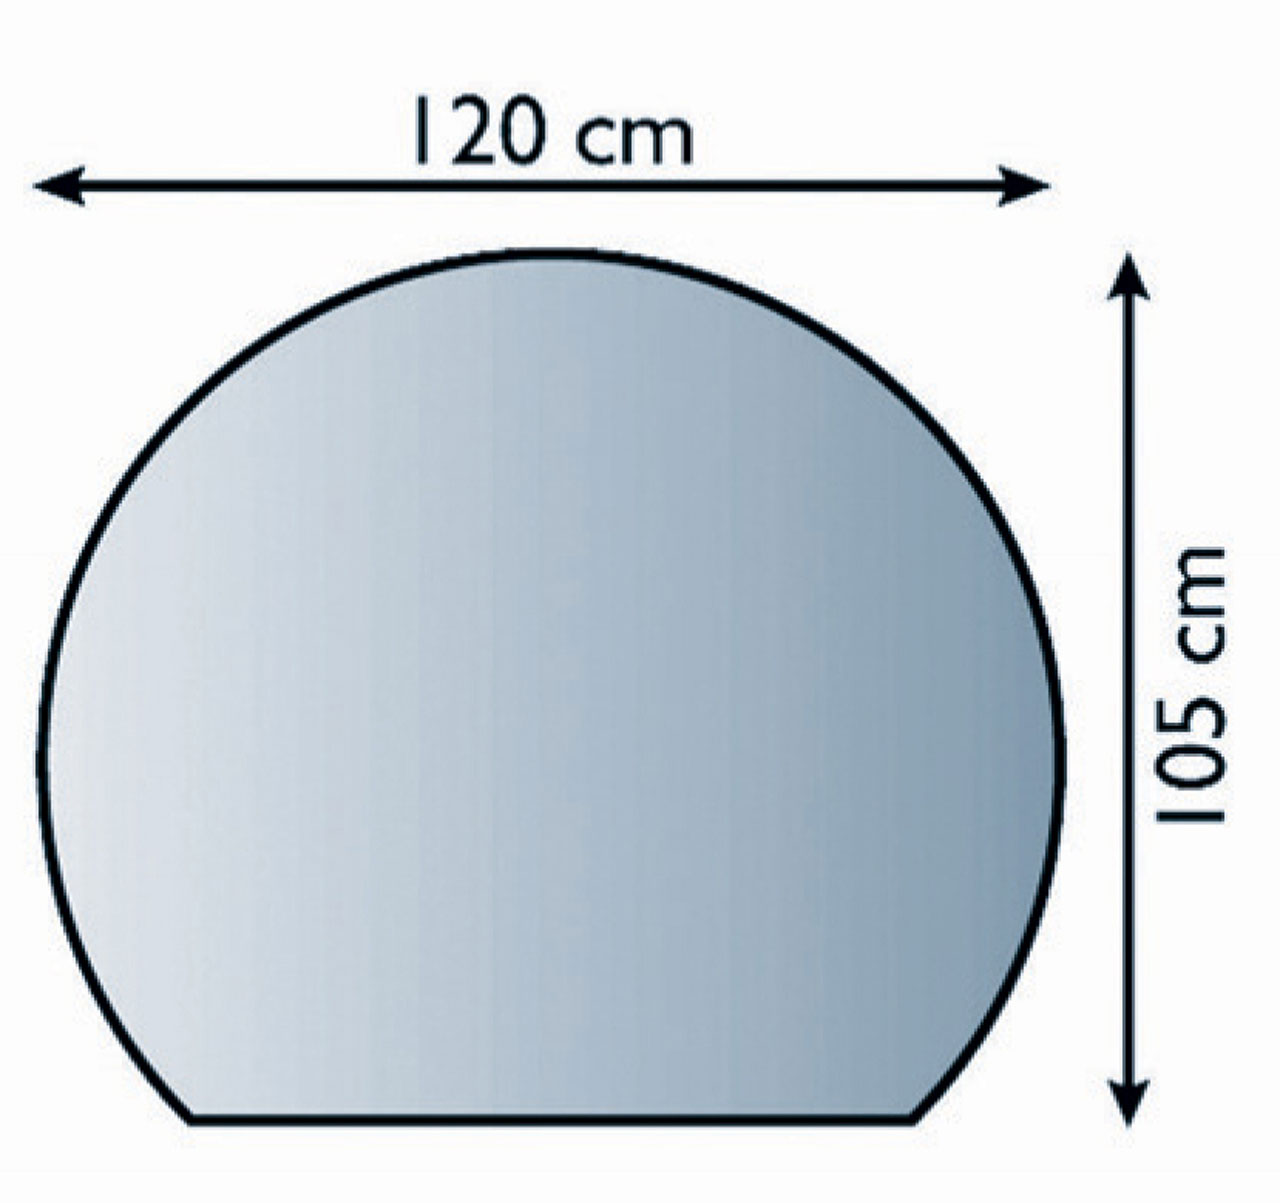 Funkenschutzplatte / Bodenblech Lienbacher schwarz Kuppel 120x105cm Bild 1